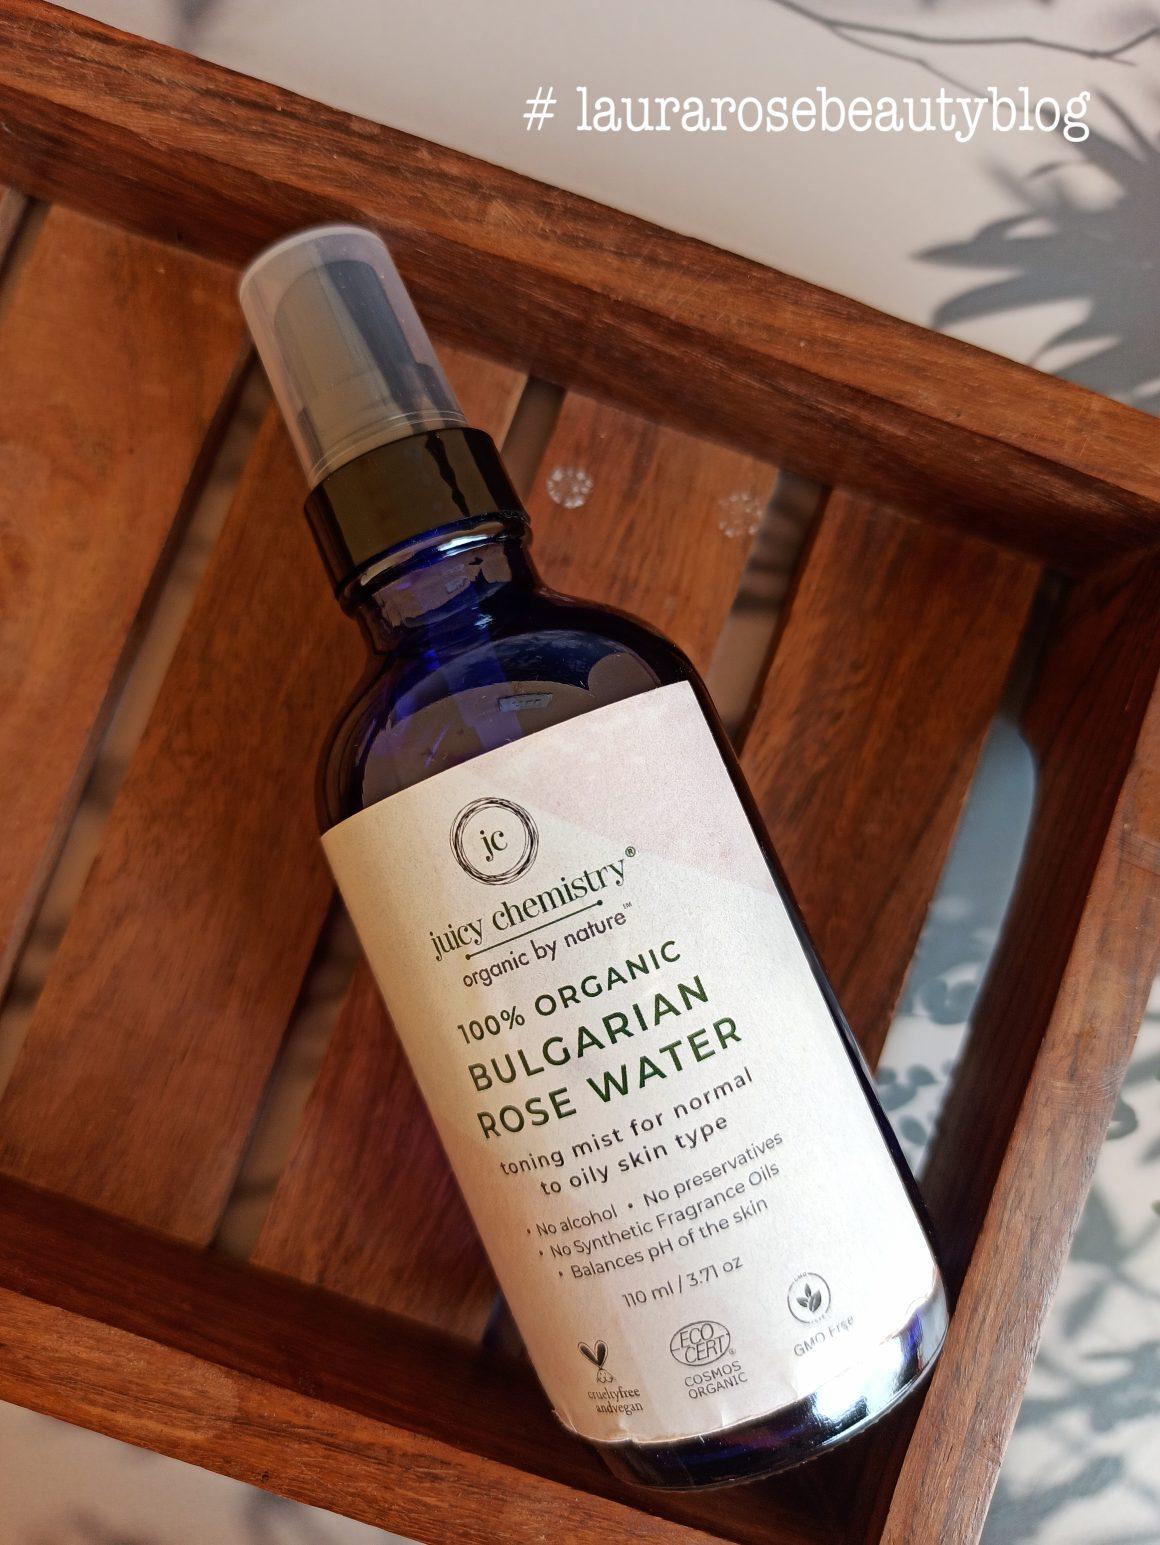 Juicy Chemistry Bulgarian Rose Water